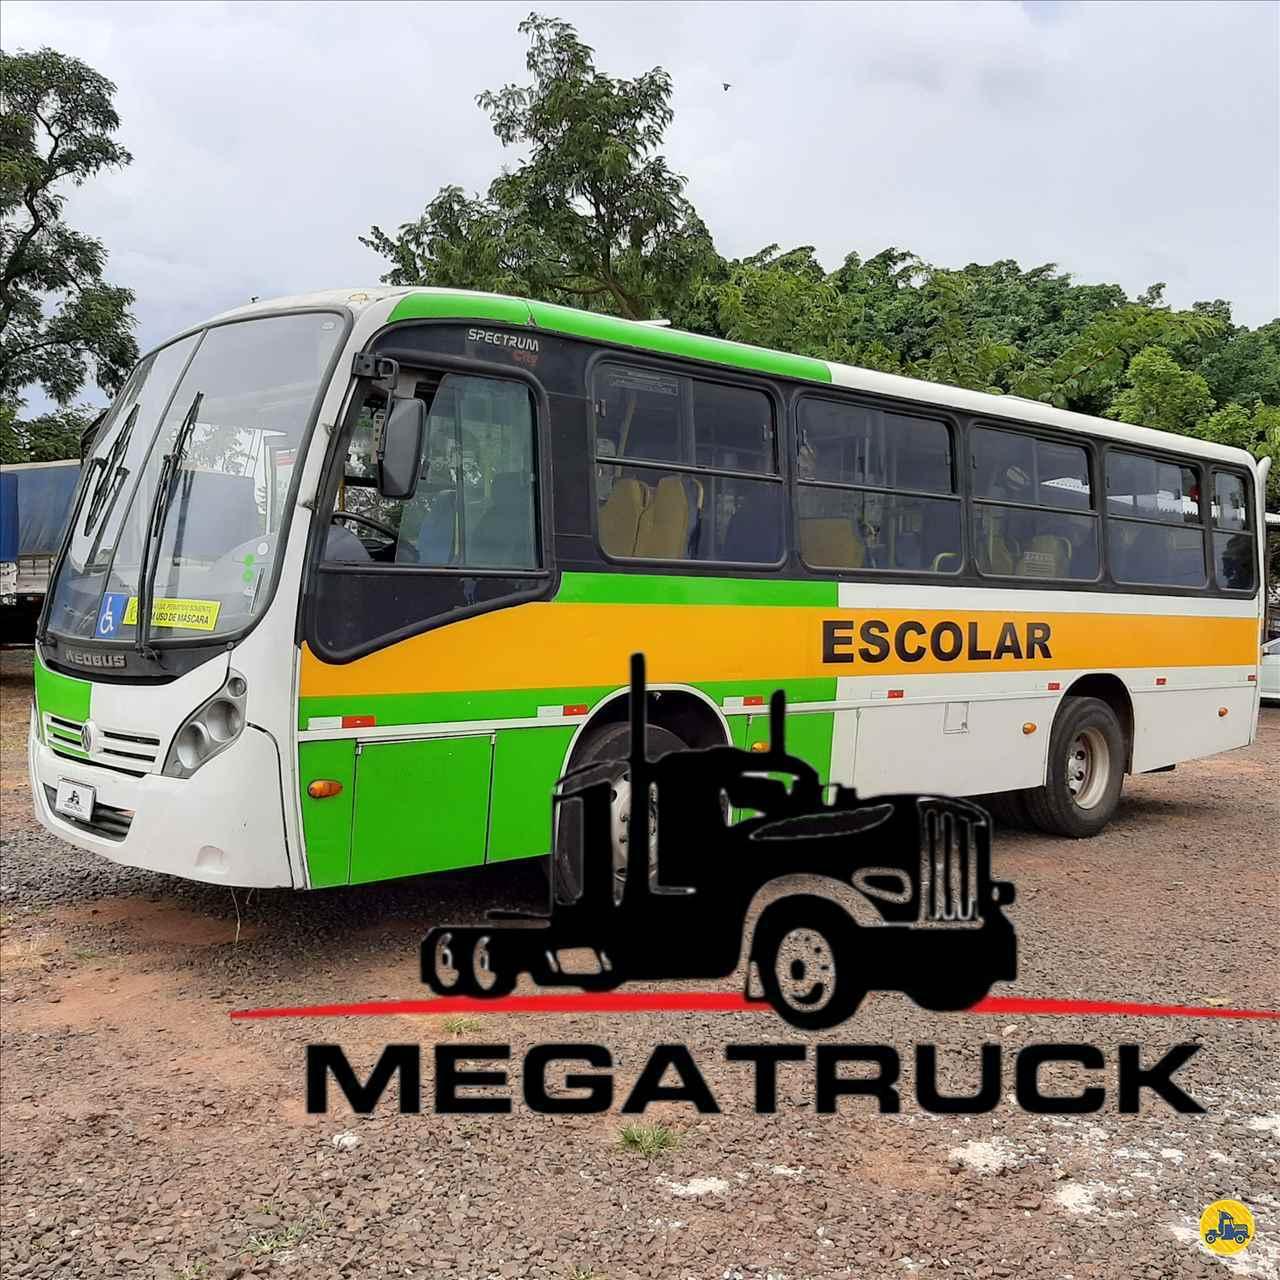 ONIBUS NEOBUS Spectrum Intercity Tração 4x2 Megatruck Caminhões e Máquinas CAMPO GRANDE MATO GROSSO DO SUL MS